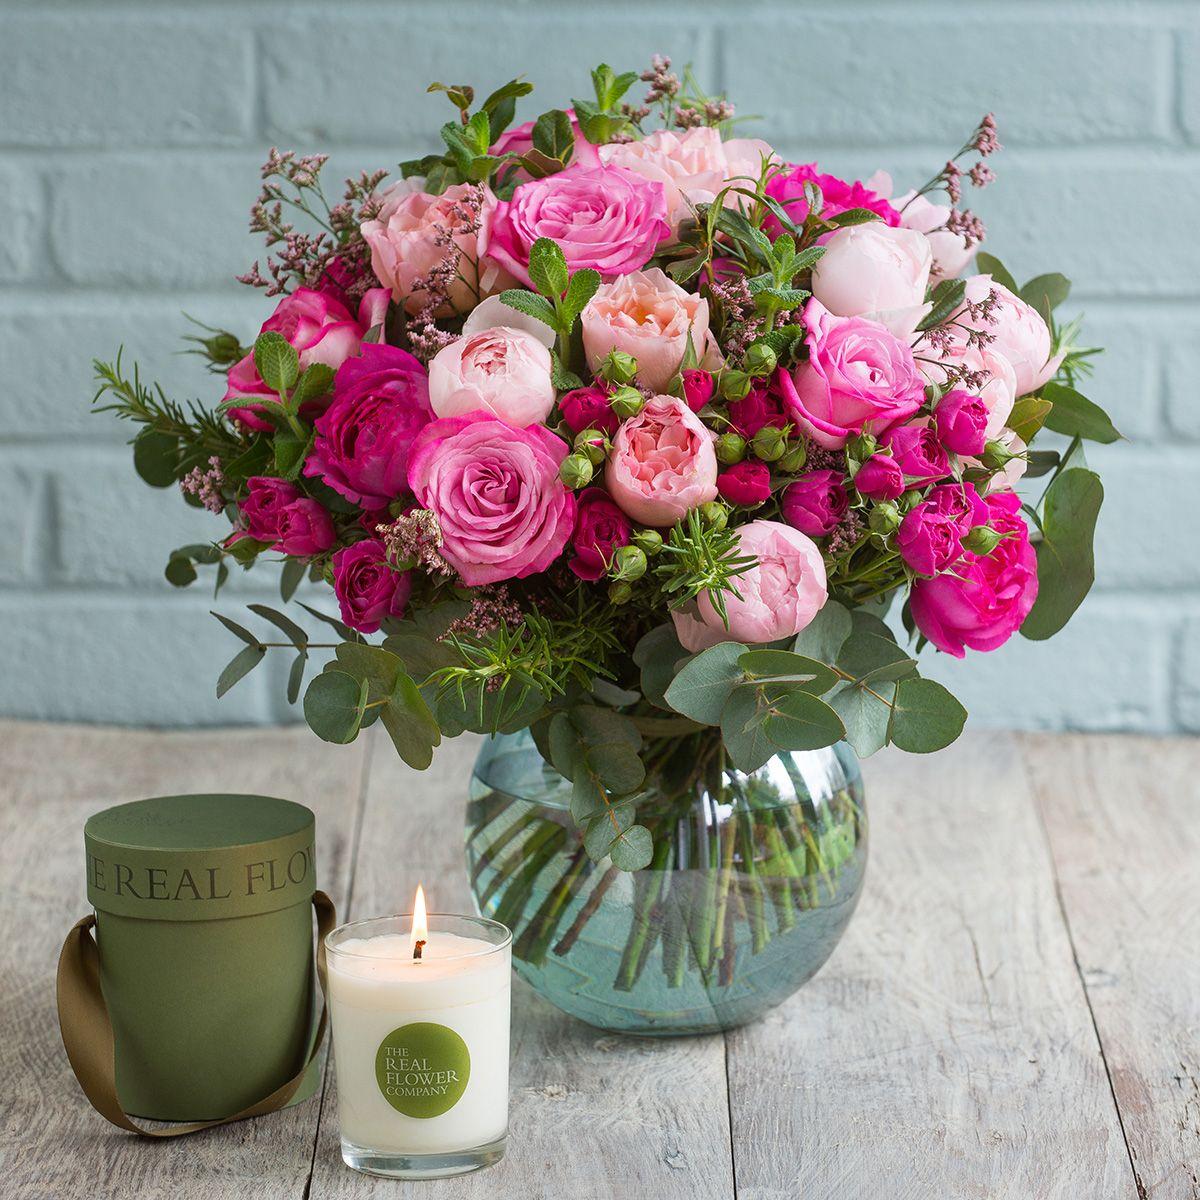 Mixed Pink Winter Bouquet